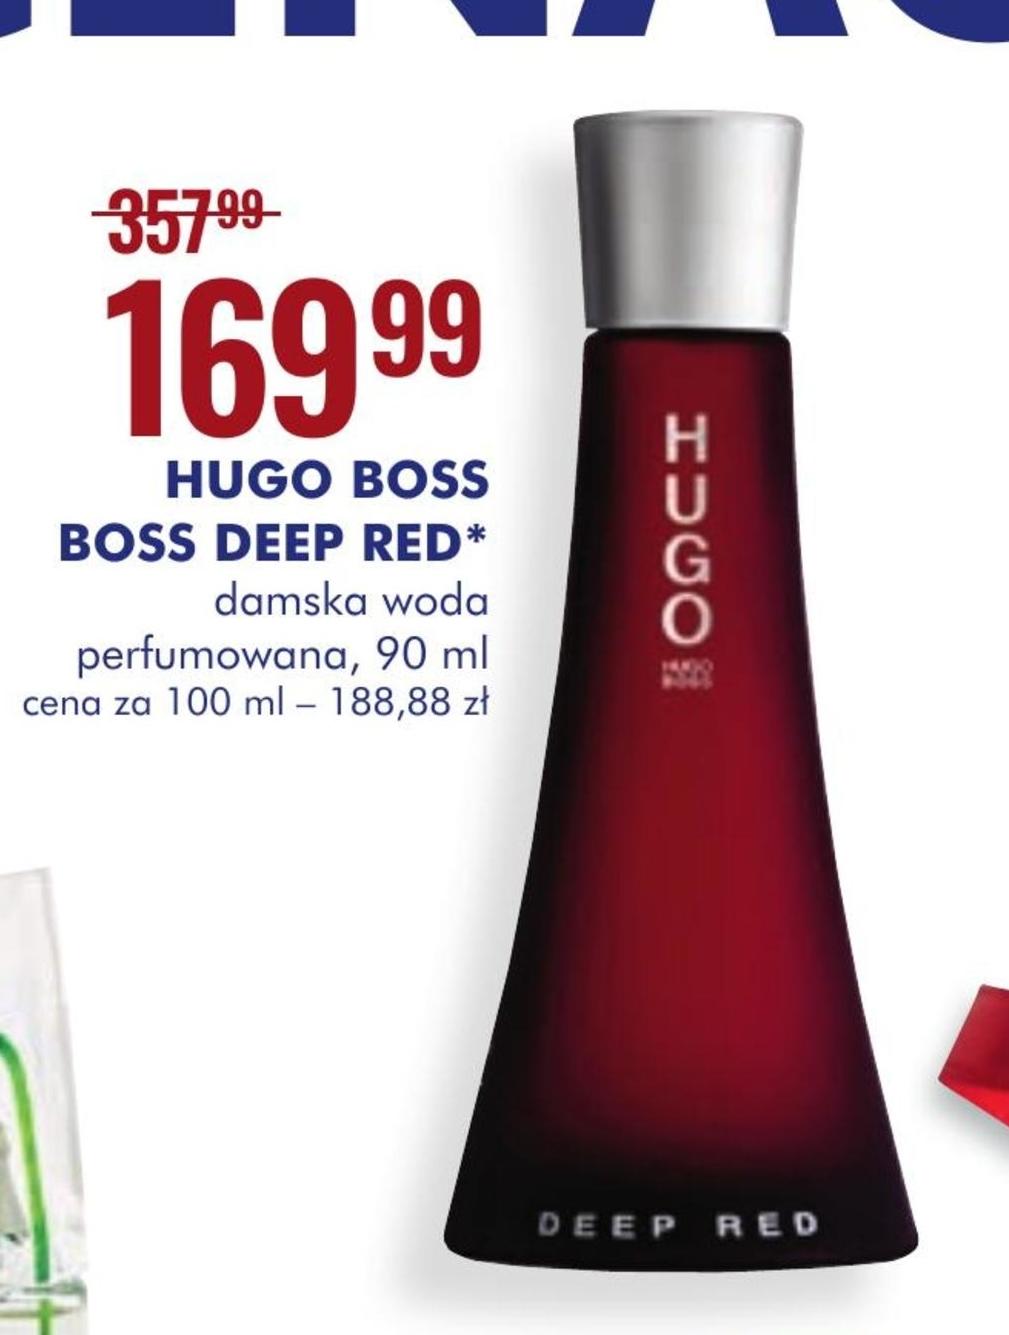 Perfumy Hugo Boss niska cena